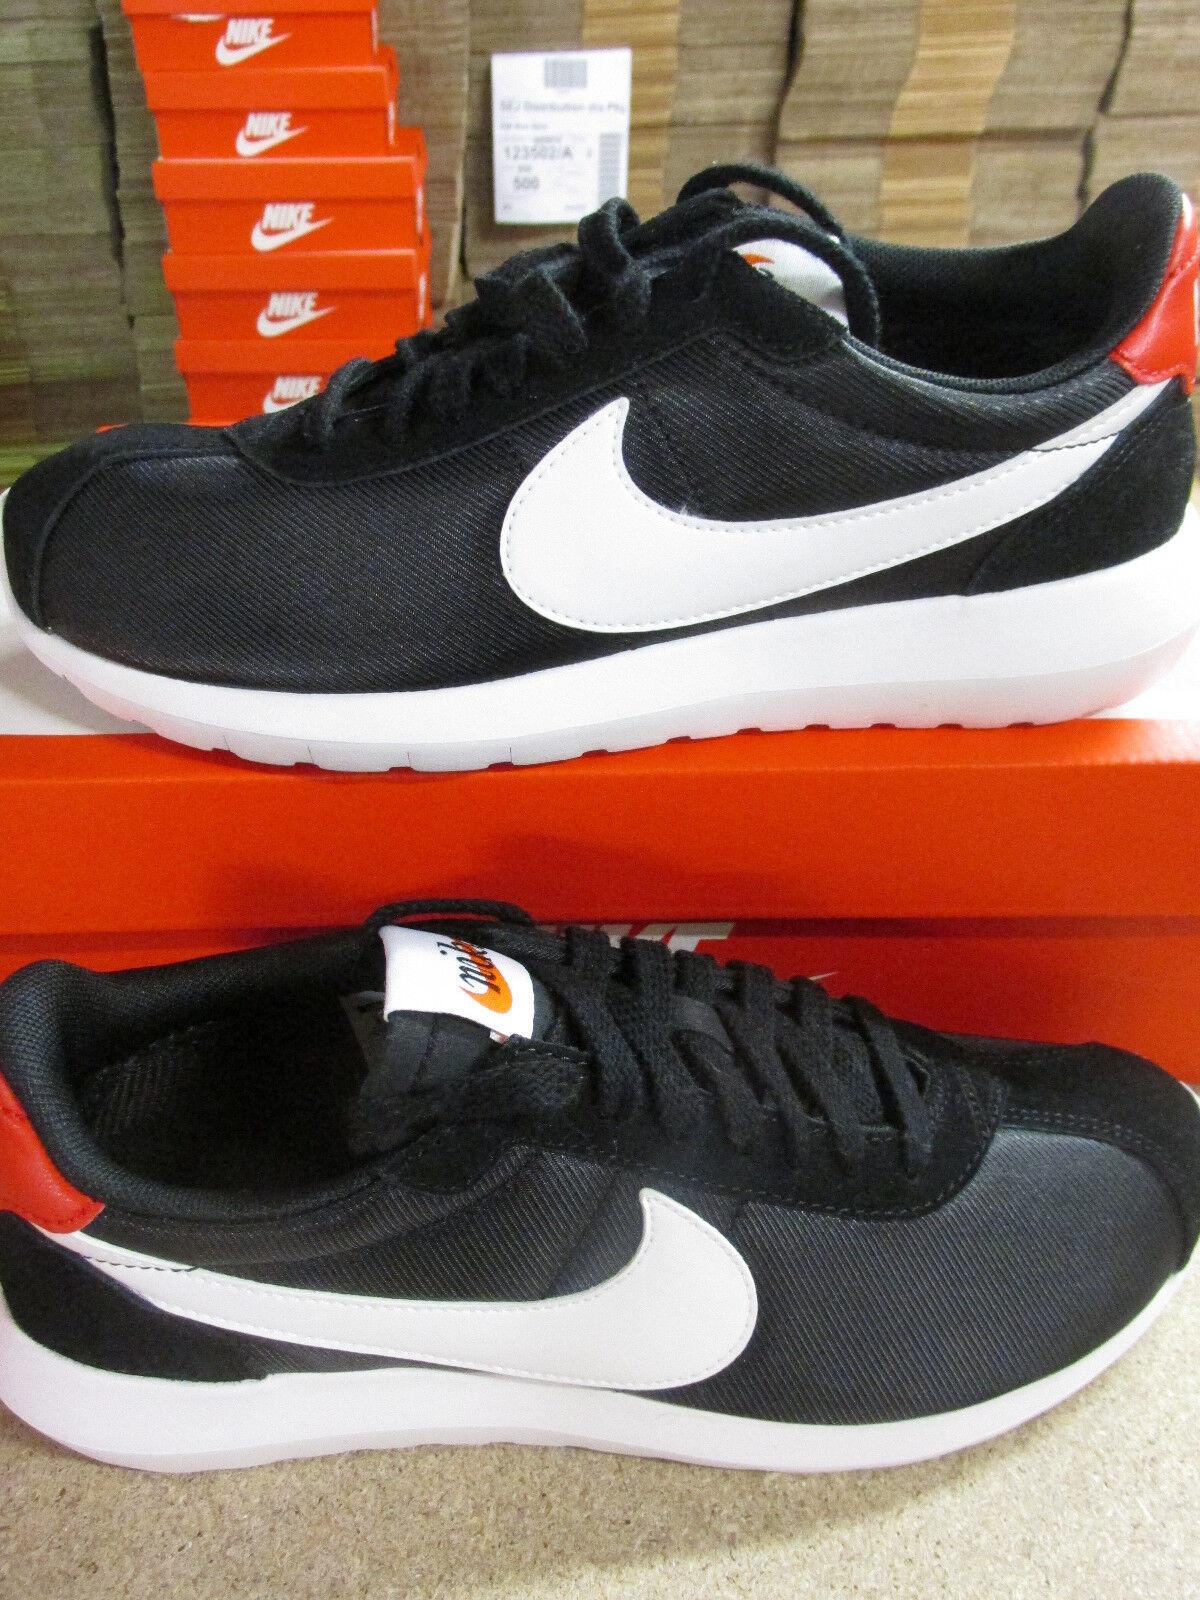 Nike Da Donna ROSHERUN Scarpe Da Ginnastica ld-1000 819843 Scarpe 001 Scarpe Da Ginnastica Scarpe 819843 876c4a